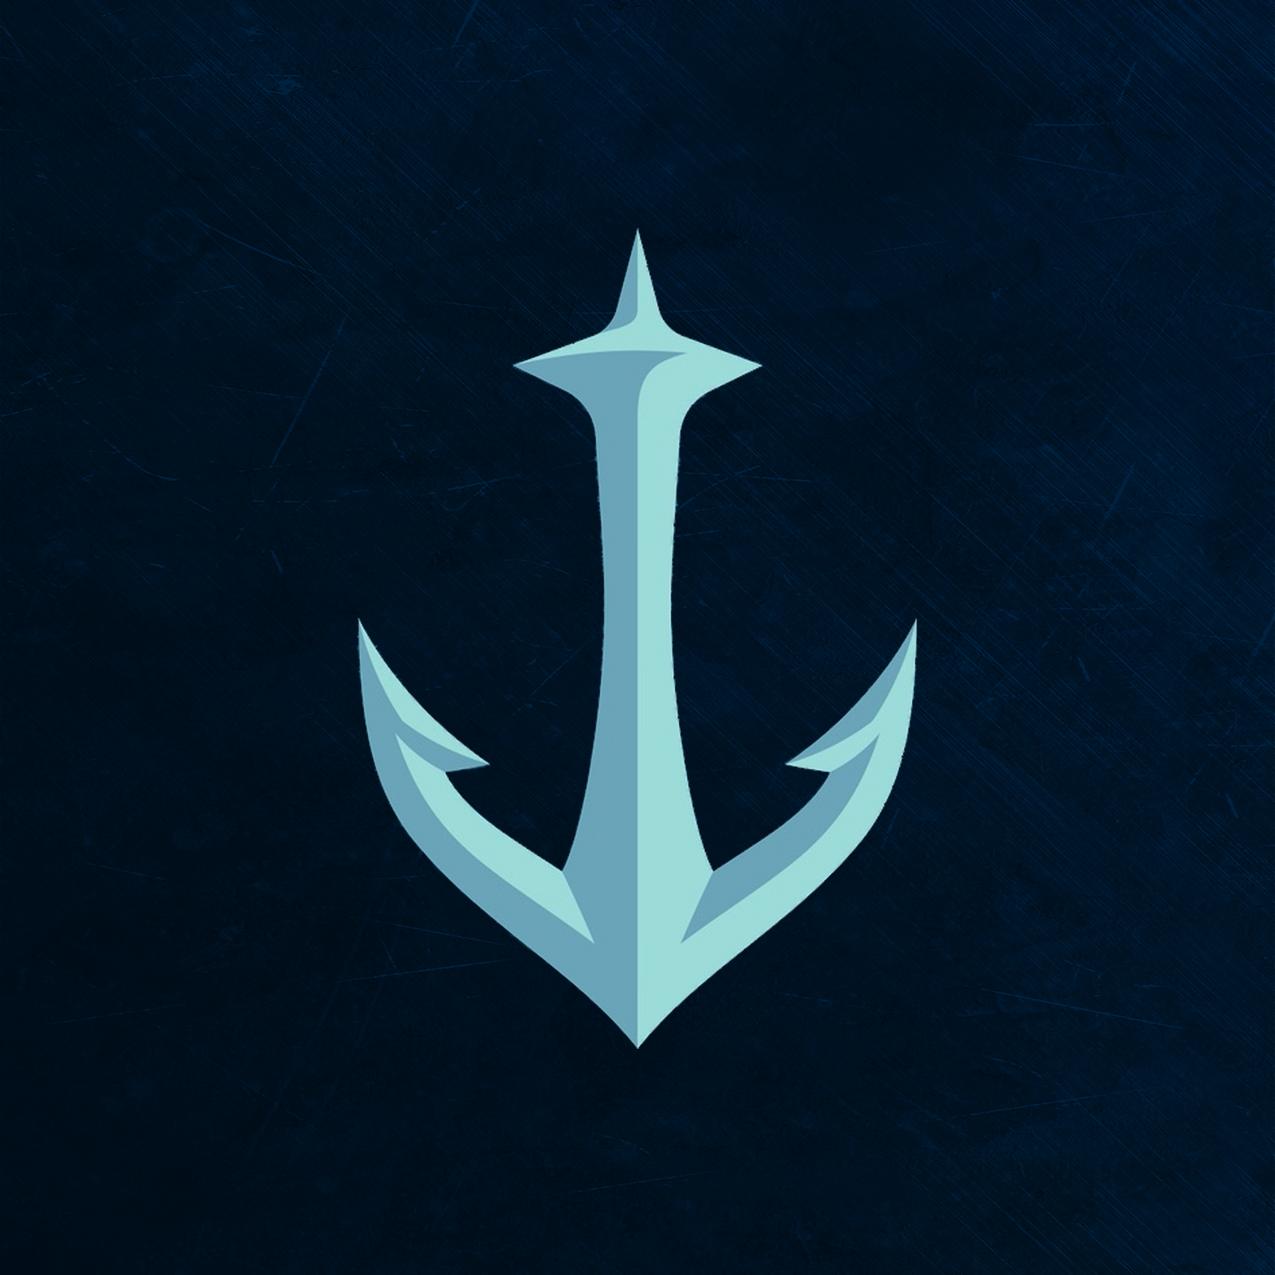 Seattle Kraken 2nd Logo